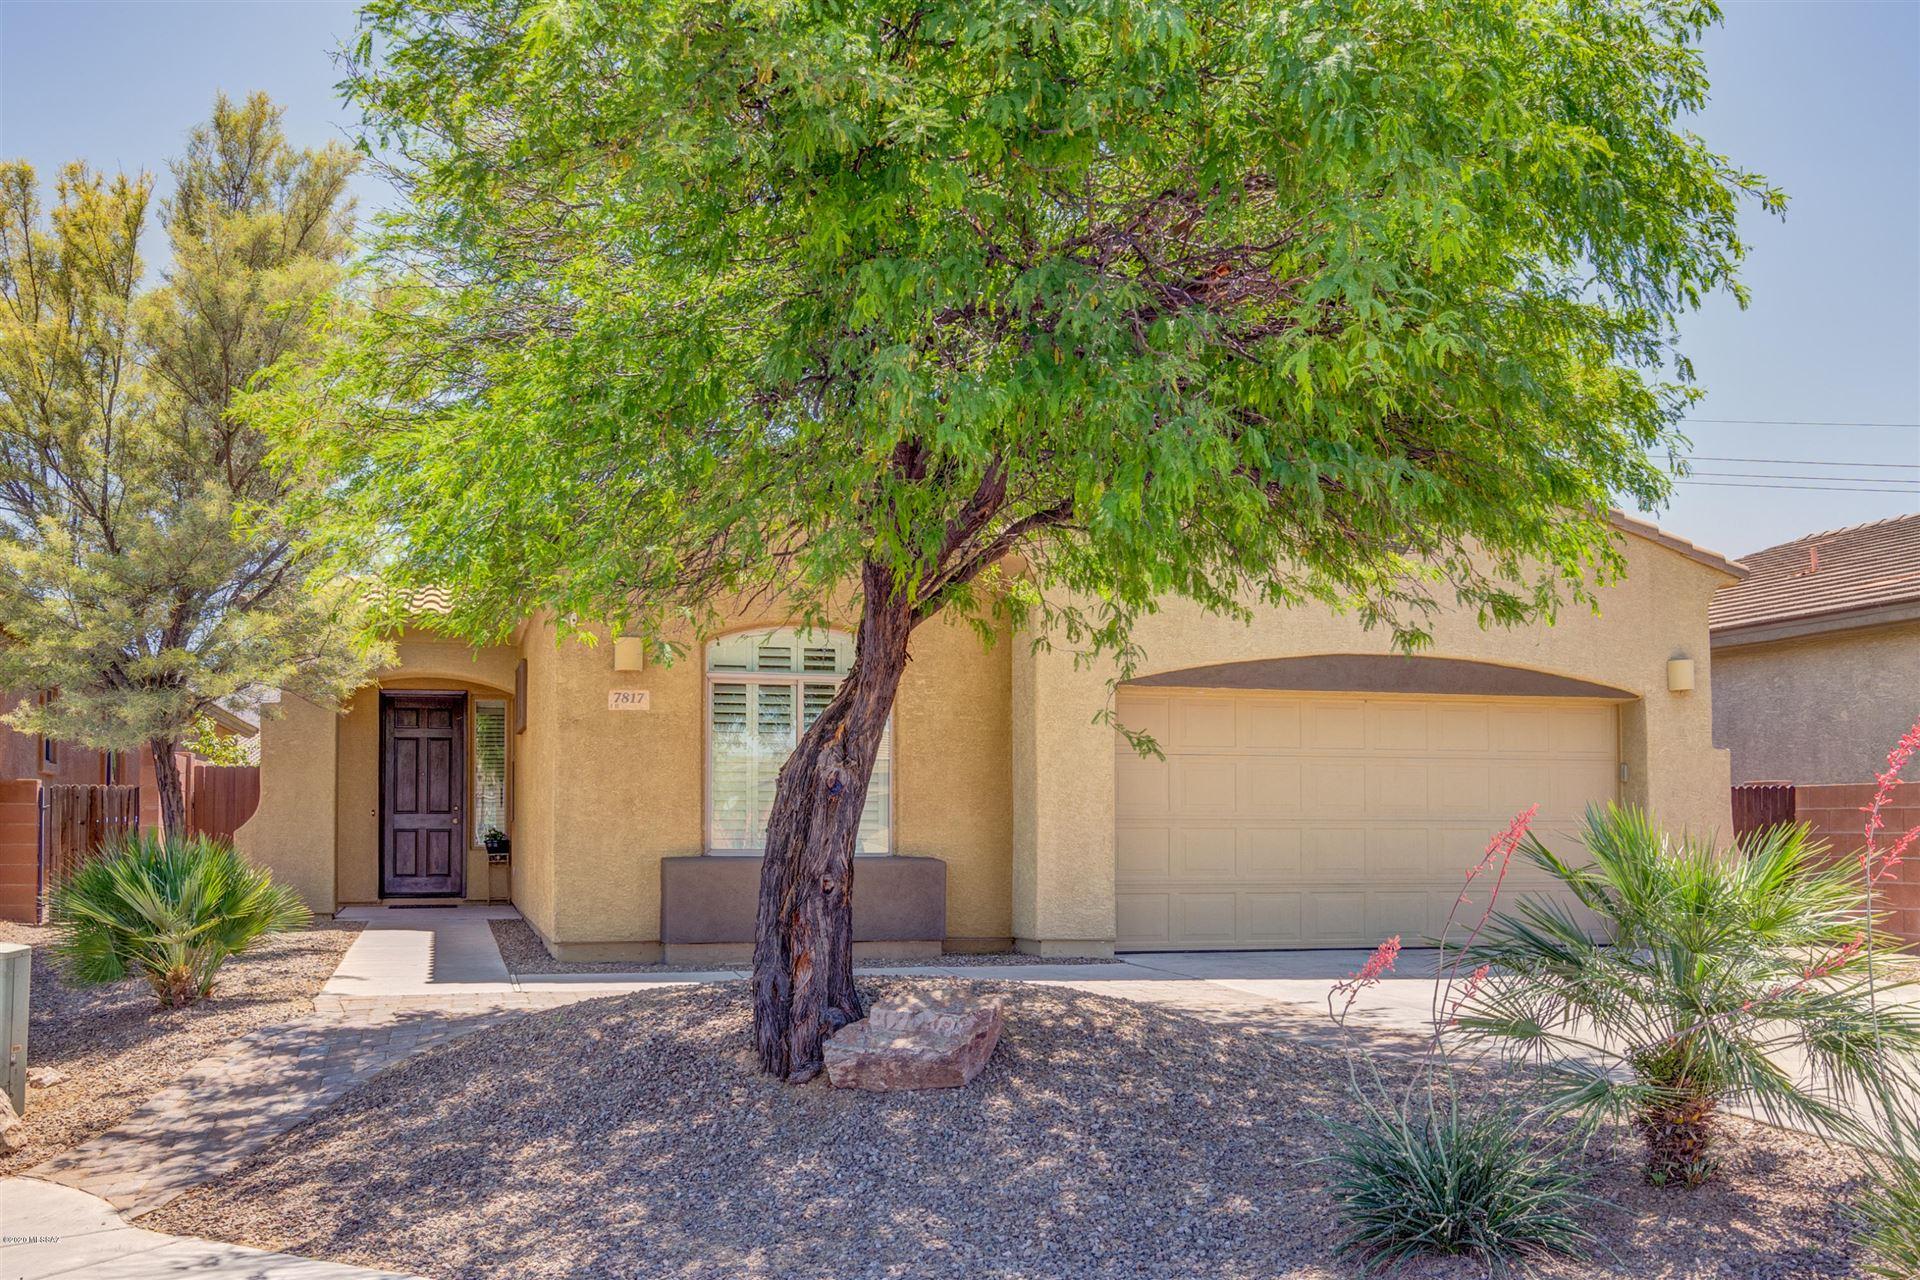 7817 W Sourwood Court, Tucson, AZ 85743 - MLS#: 22011377